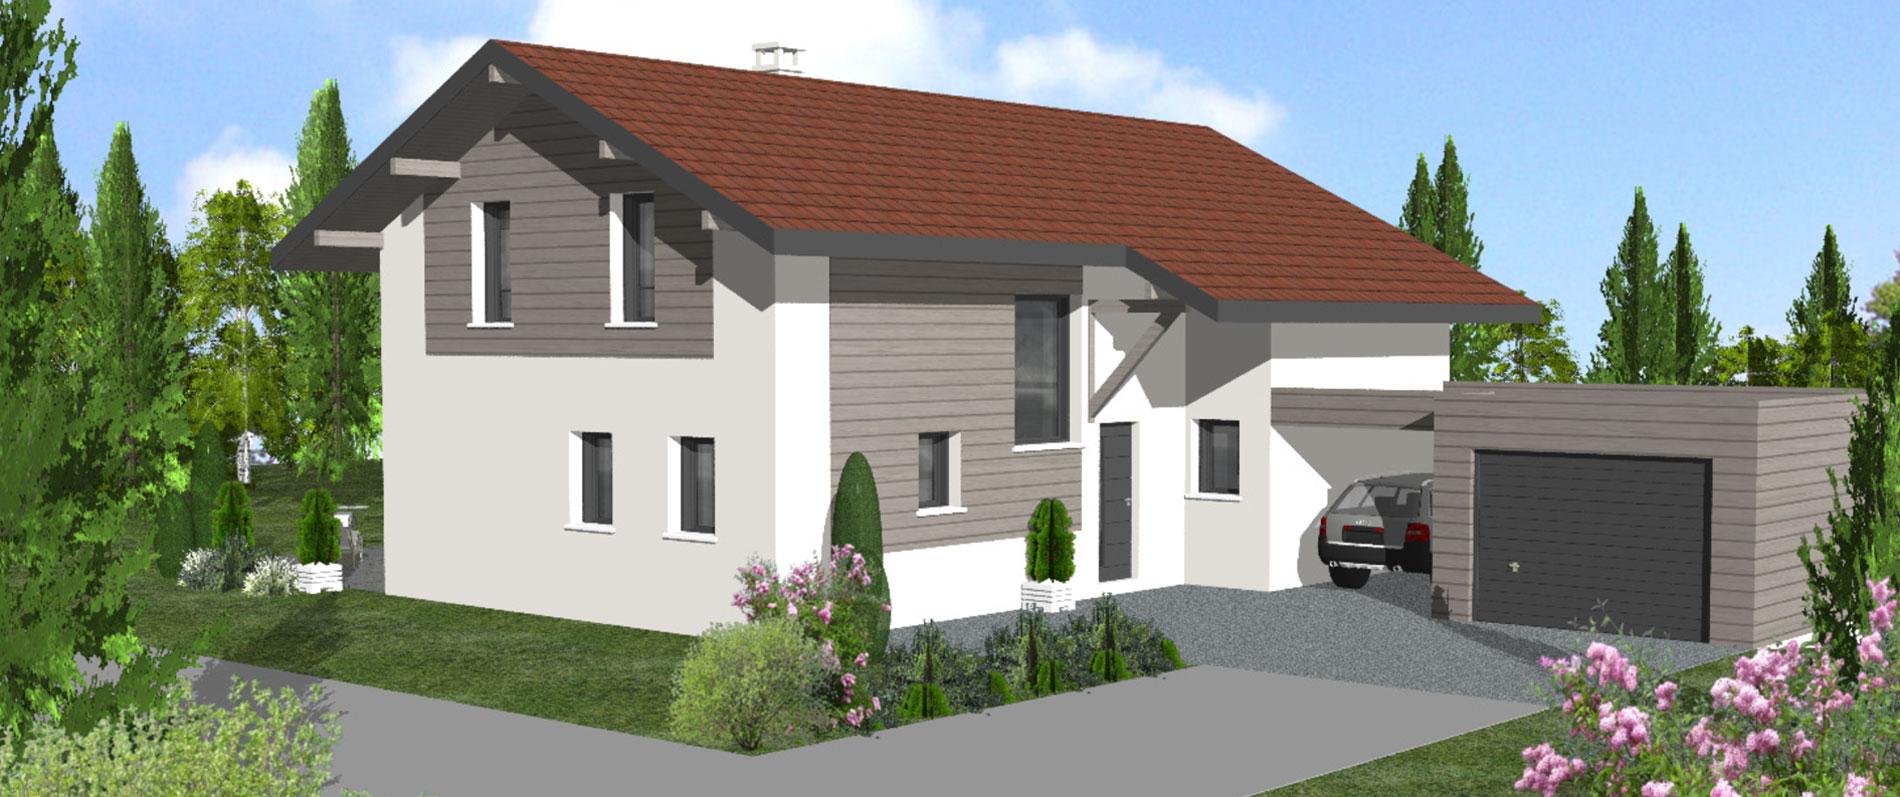 villa-maison-construction-constructeur-constructeur chambéry-73-74-annecy-